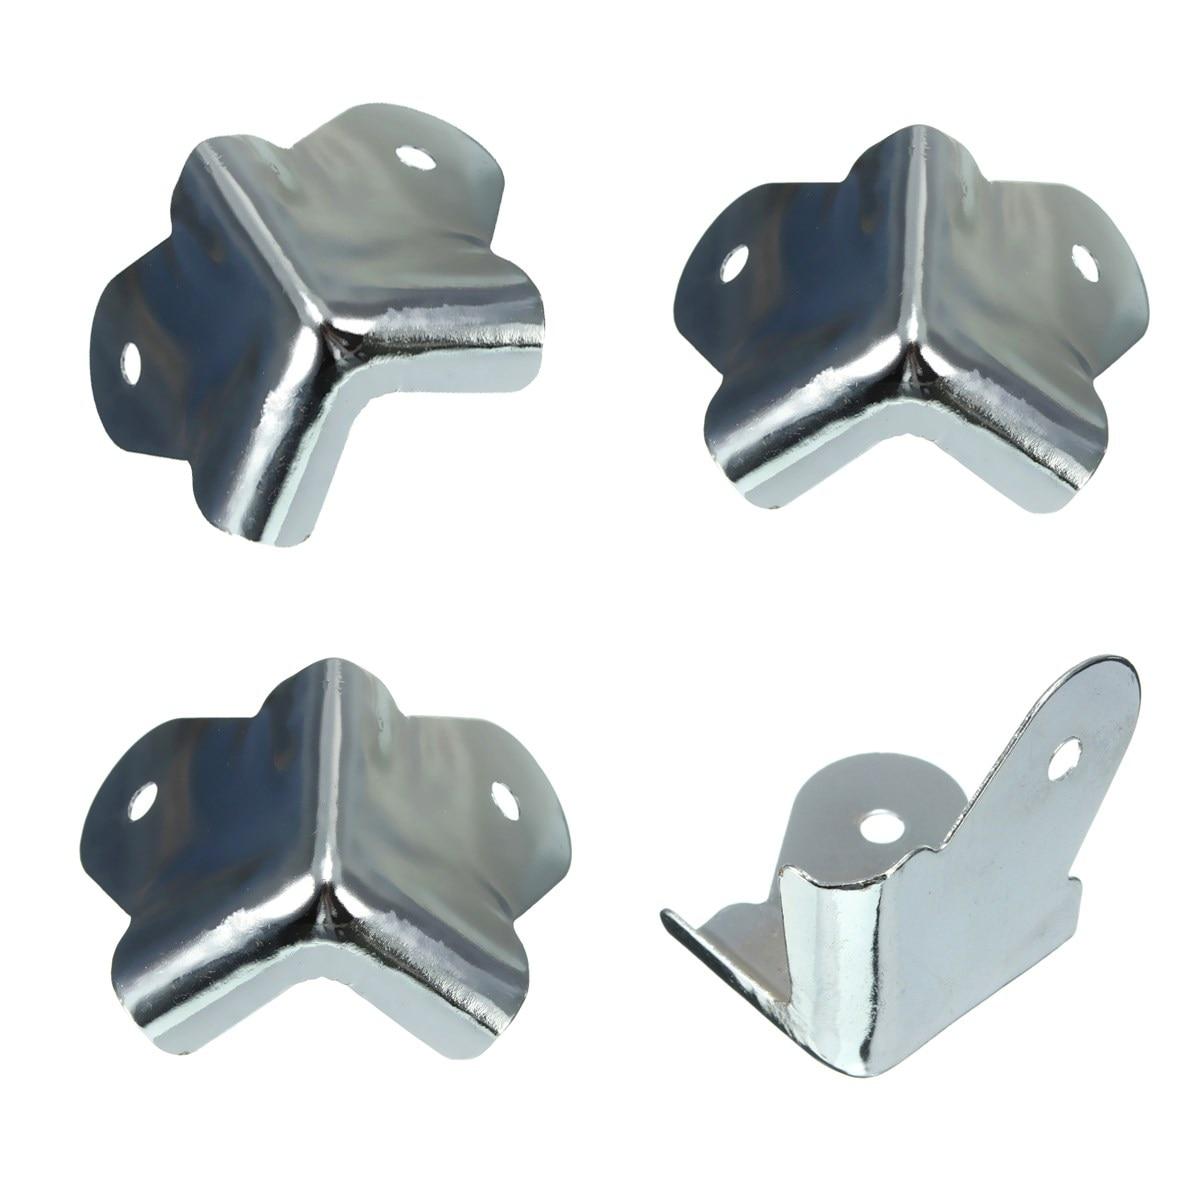 4 unid Durable acero inoxi-dable altavoces para envolver sonido clang proteger e